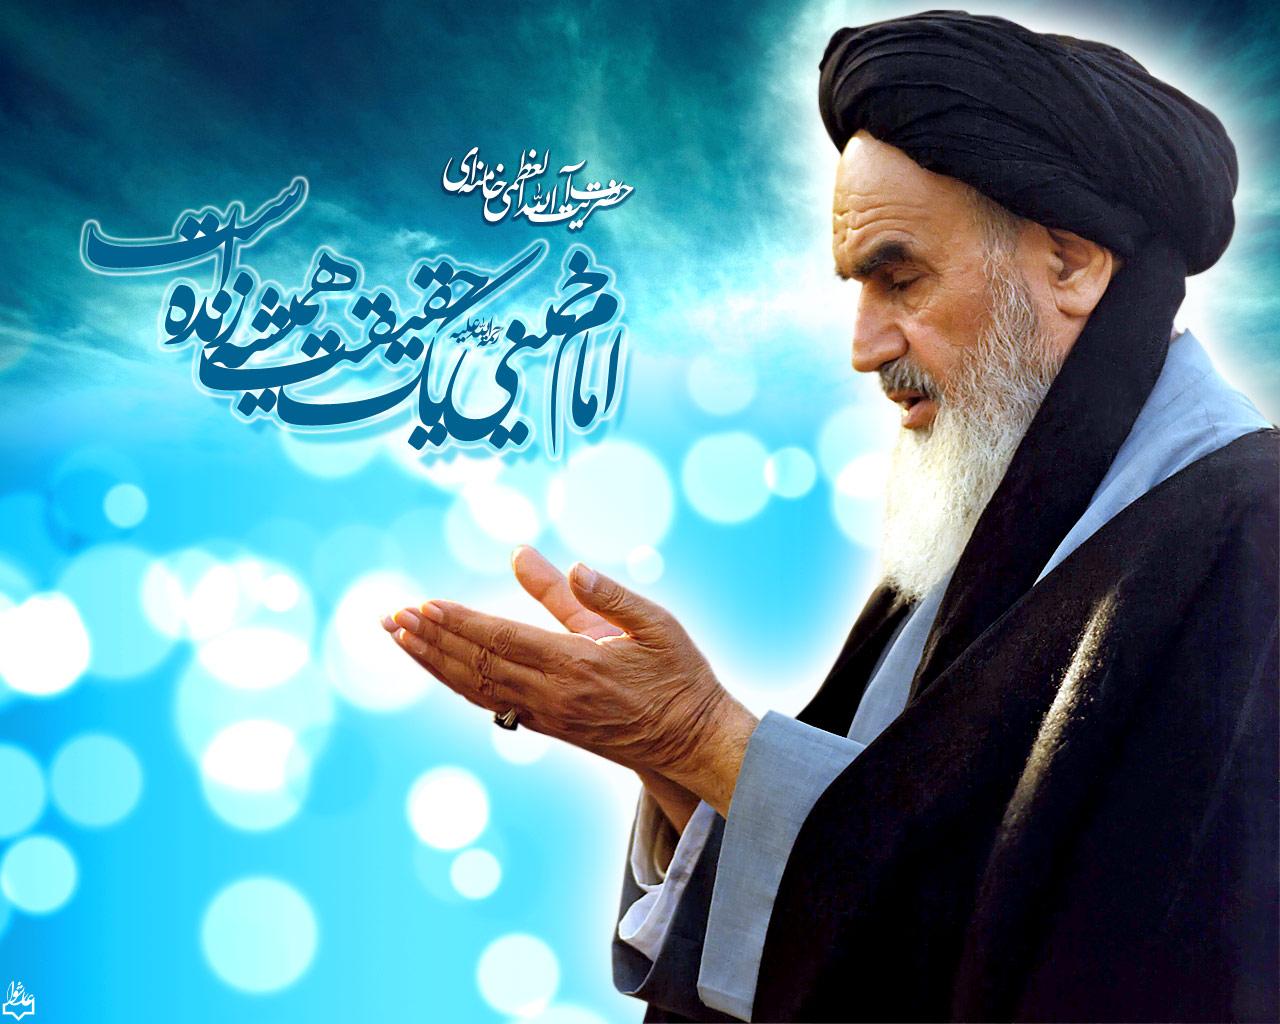 عکس نوشته درباره رحلت امام خمینی Hamyarkhas (4).jpg